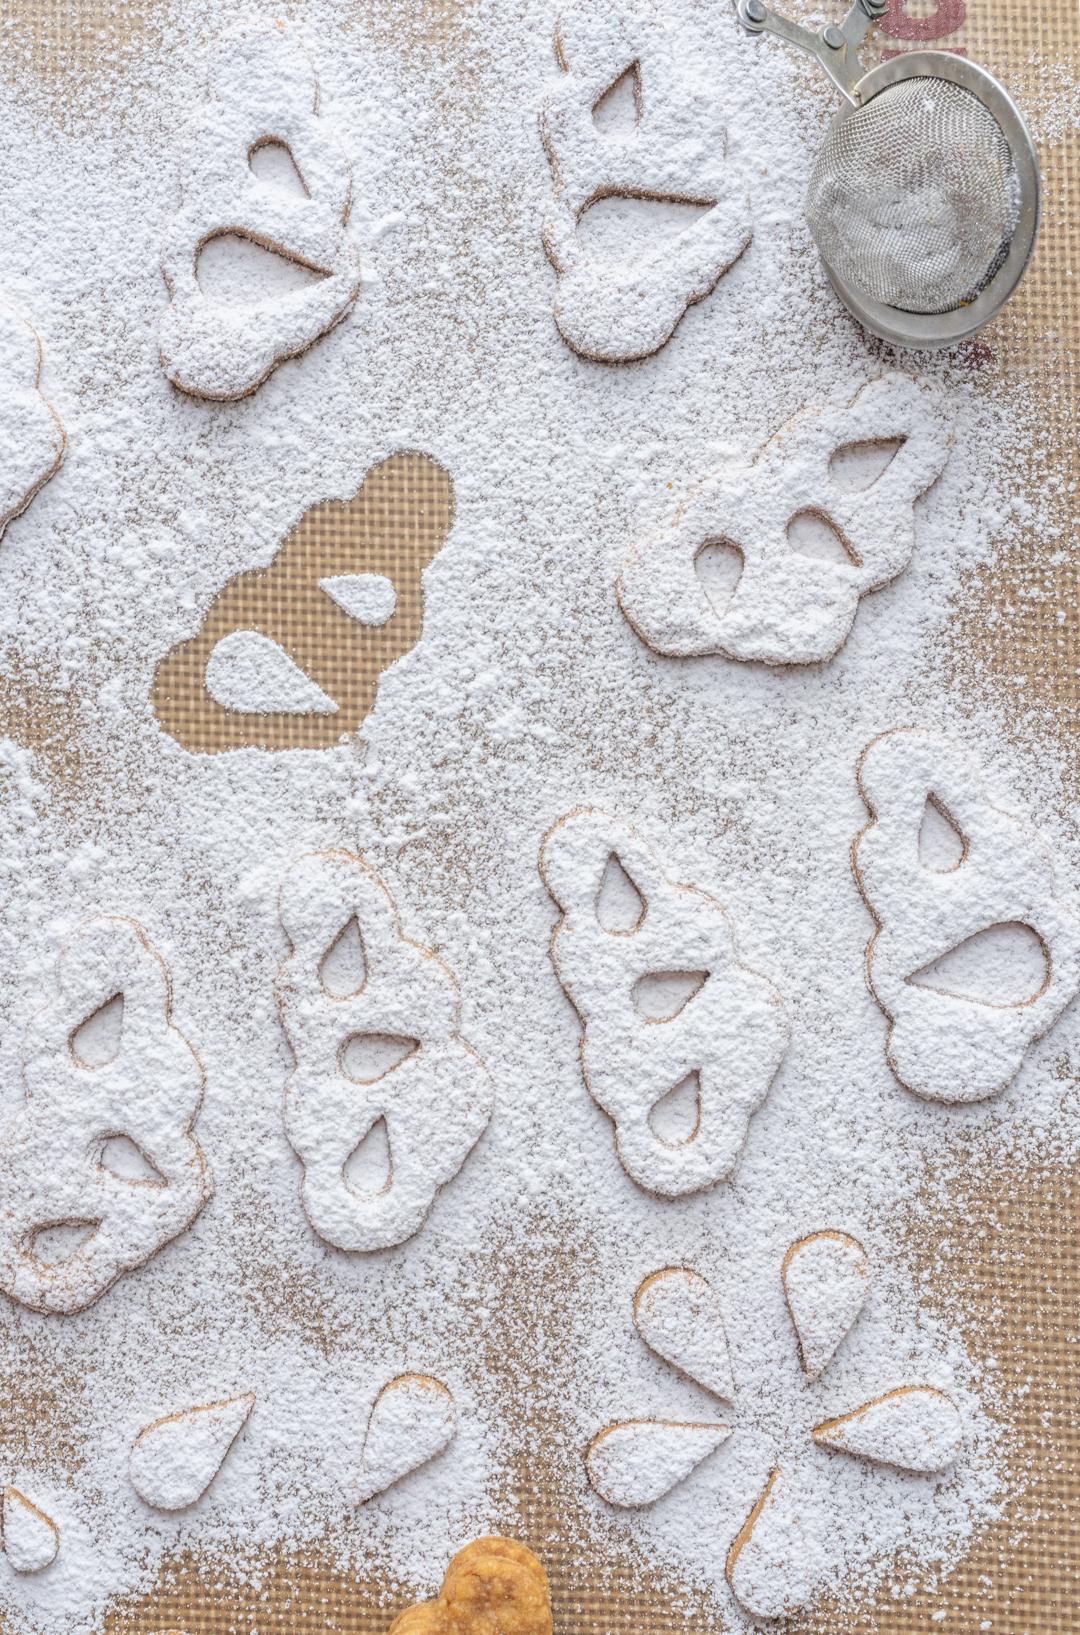 Étapes réalisation biscuits sablés forme nuage au citron et bergamote